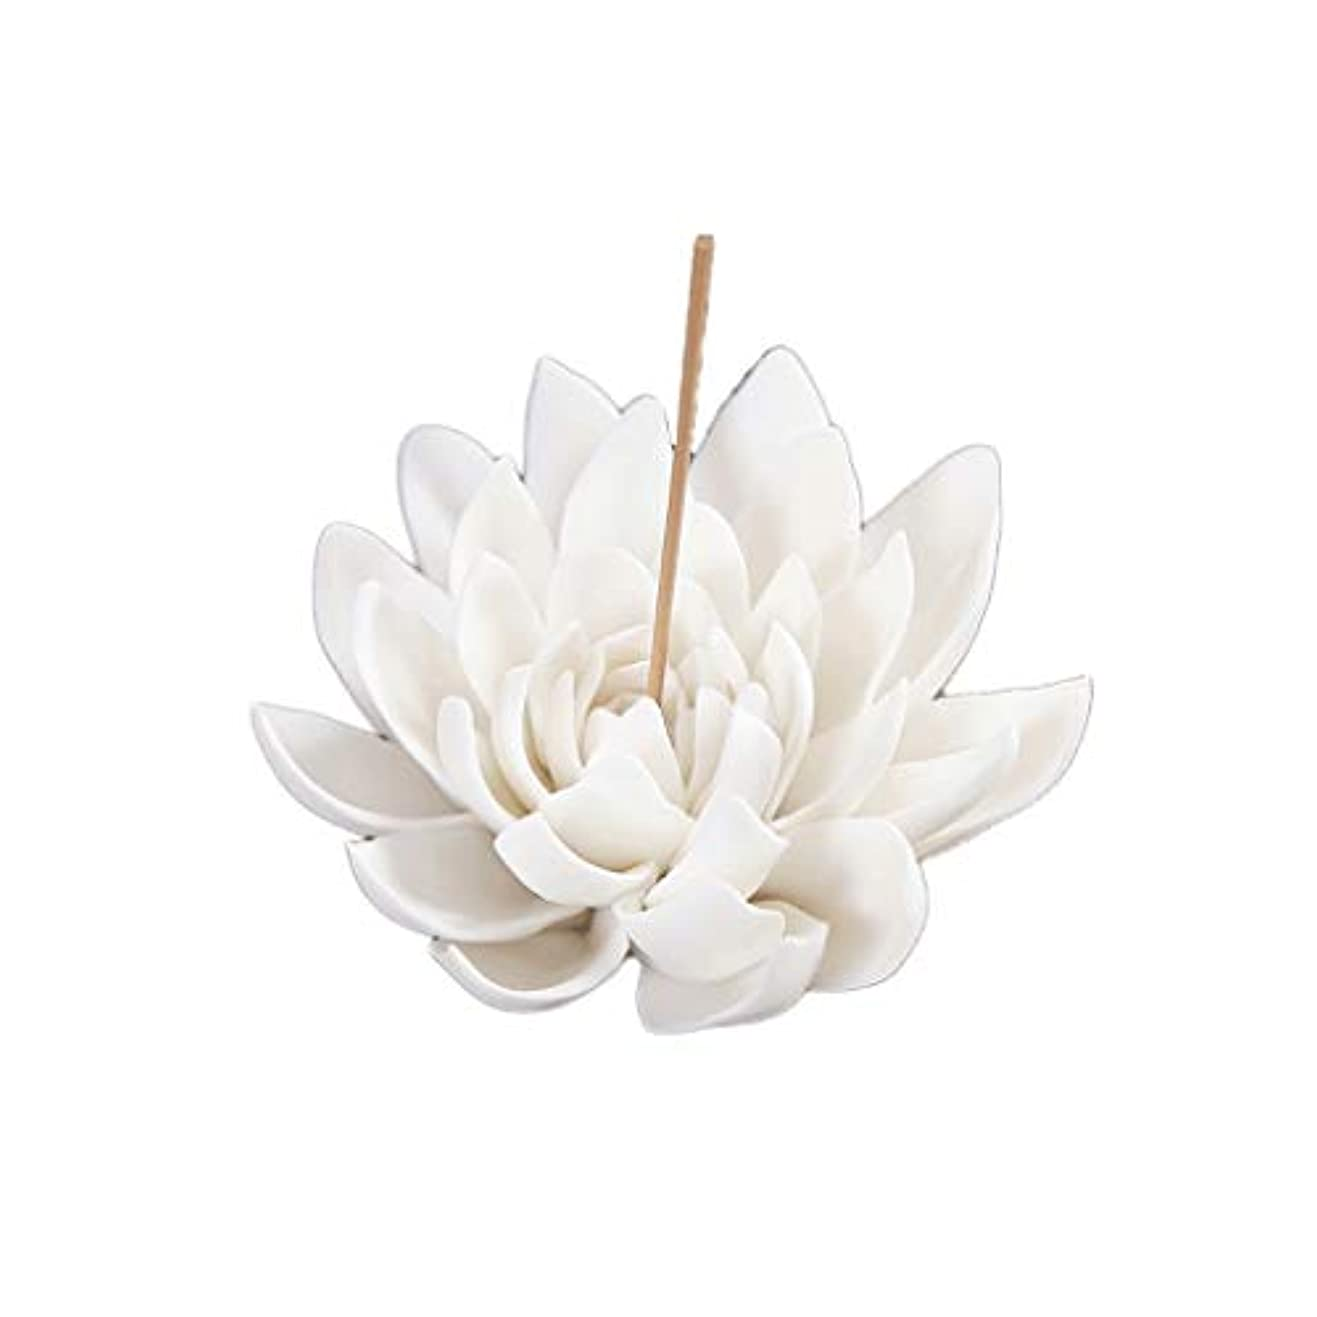 肝二十分にセラミック蓮香バーナー家の装飾香スティックホルダー仏教アロマセラピー香炉ホームオフィス用 芳香器?アロマバーナー (Color : B)